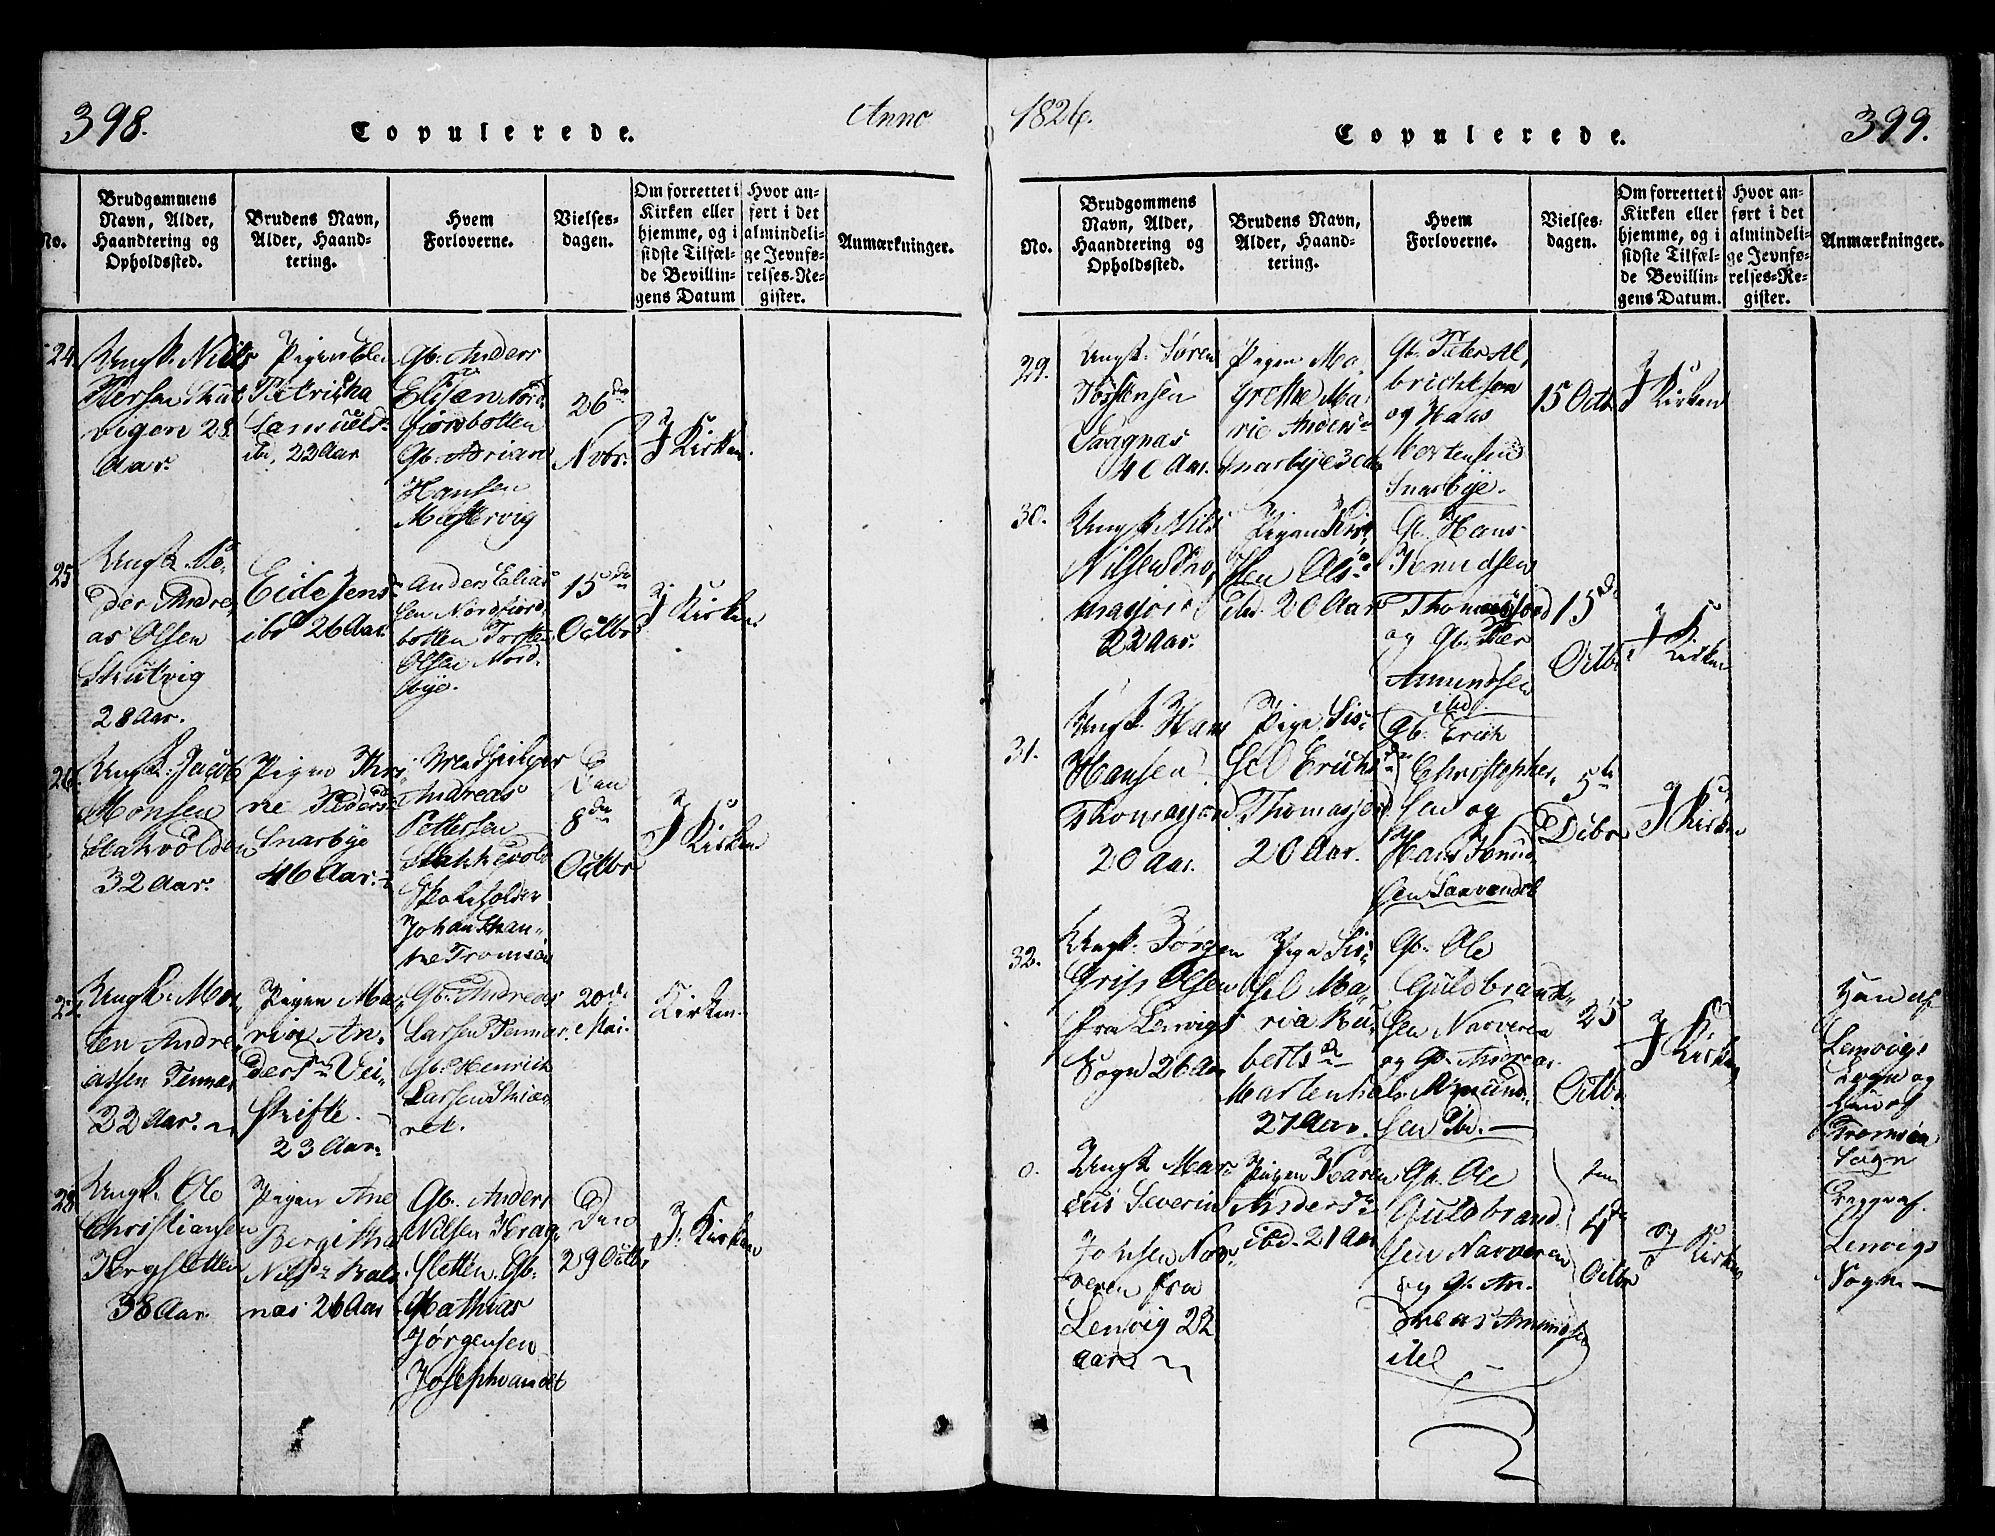 SATØ, Tromsø sokneprestkontor/stiftsprosti/domprosti, G/Ga/L0007kirke: Ministerialbok nr. 7, 1821-1828, s. 398-399